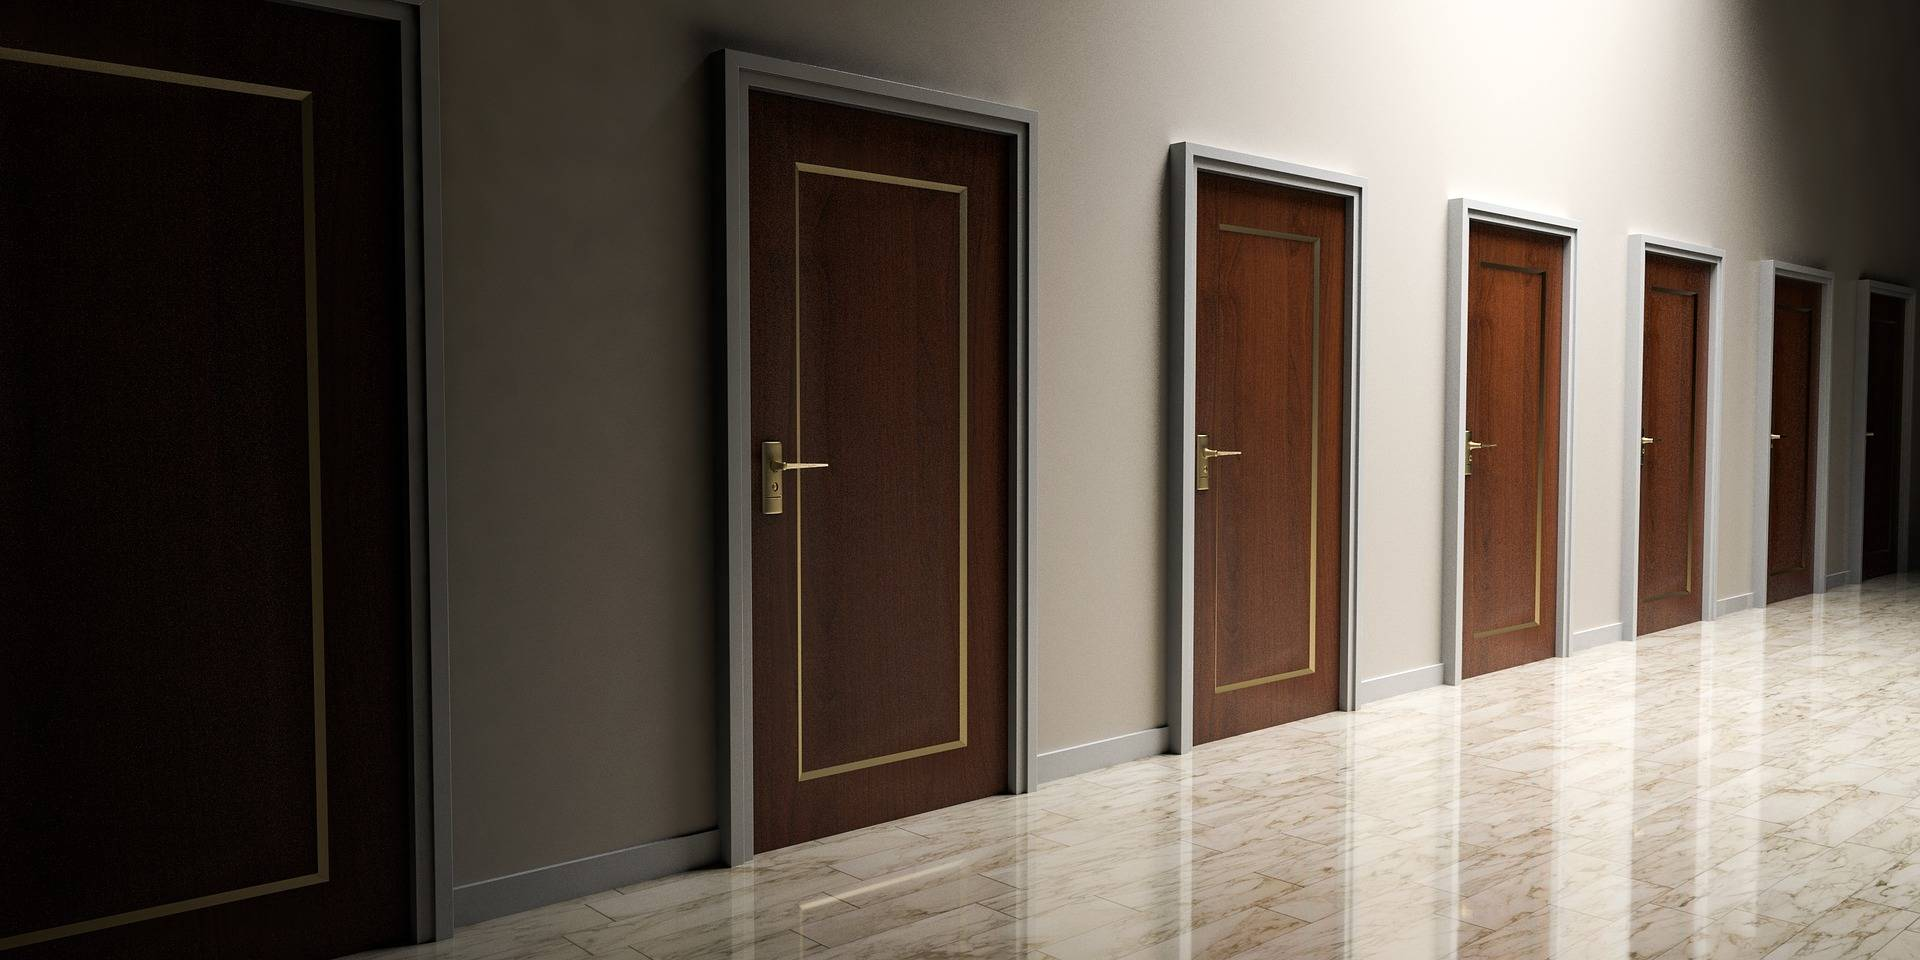 Как выбрать хорошую входную металлическую дверь: советы профессионала по выбору стальной двери, отзывы о лучших, фото » verydveri.ru